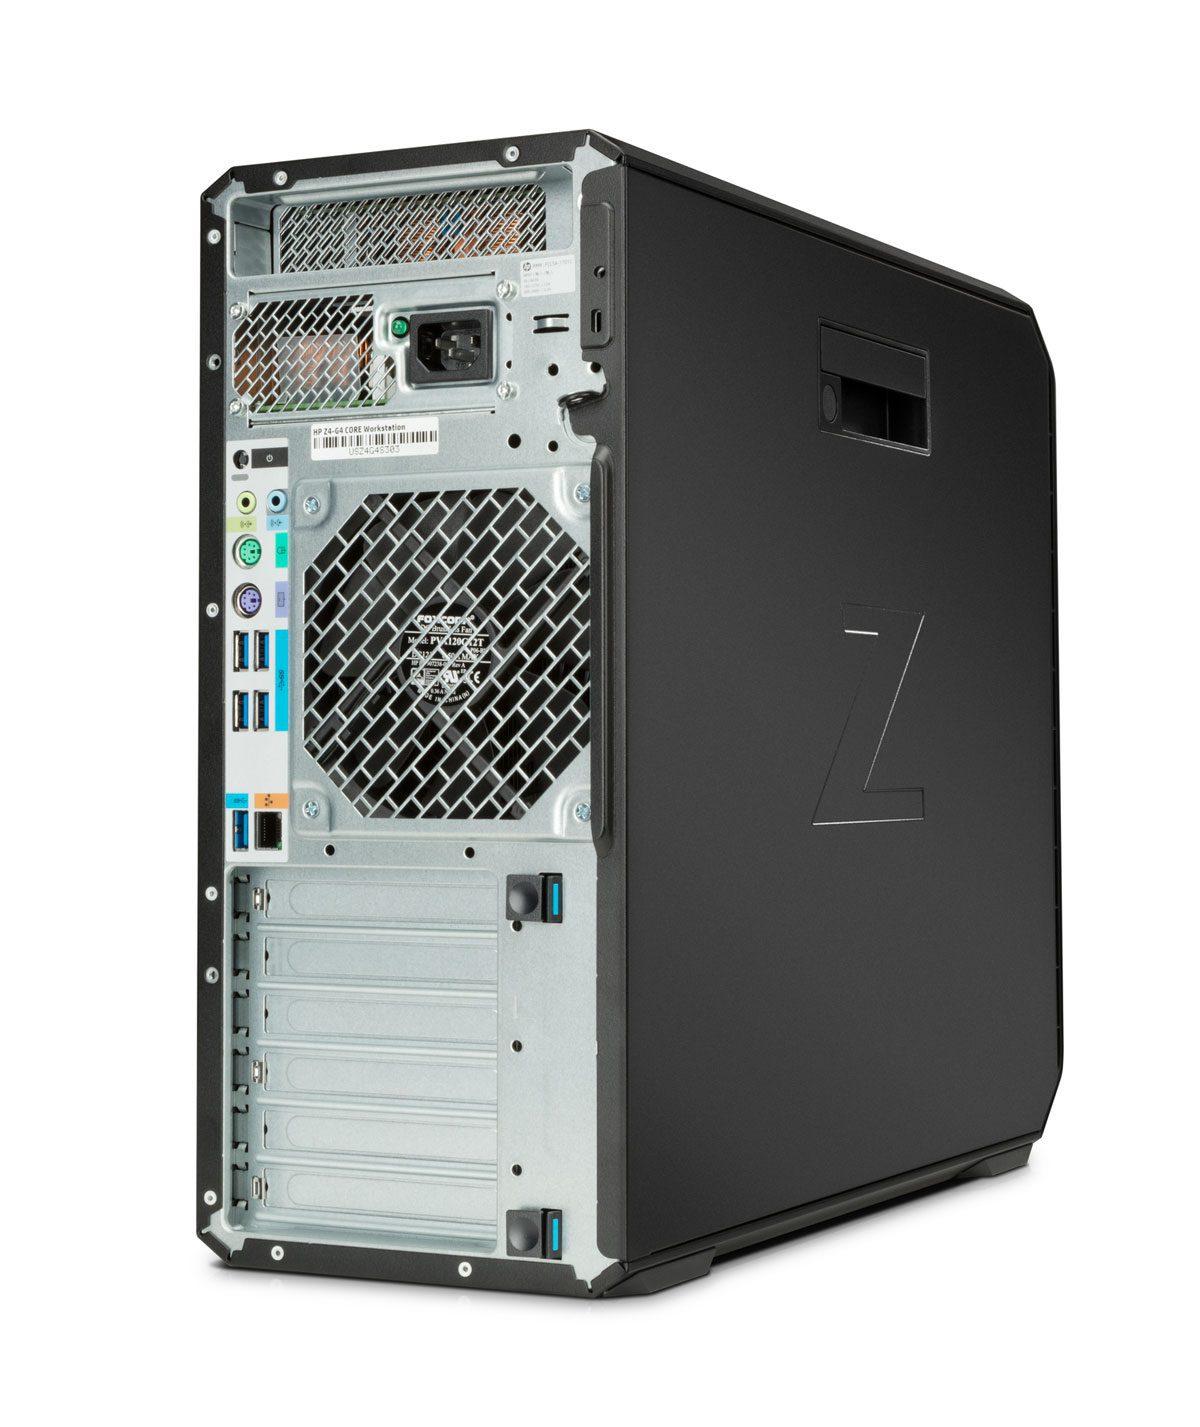 دسکتاپ HP مدل Z4 G4 Tower D